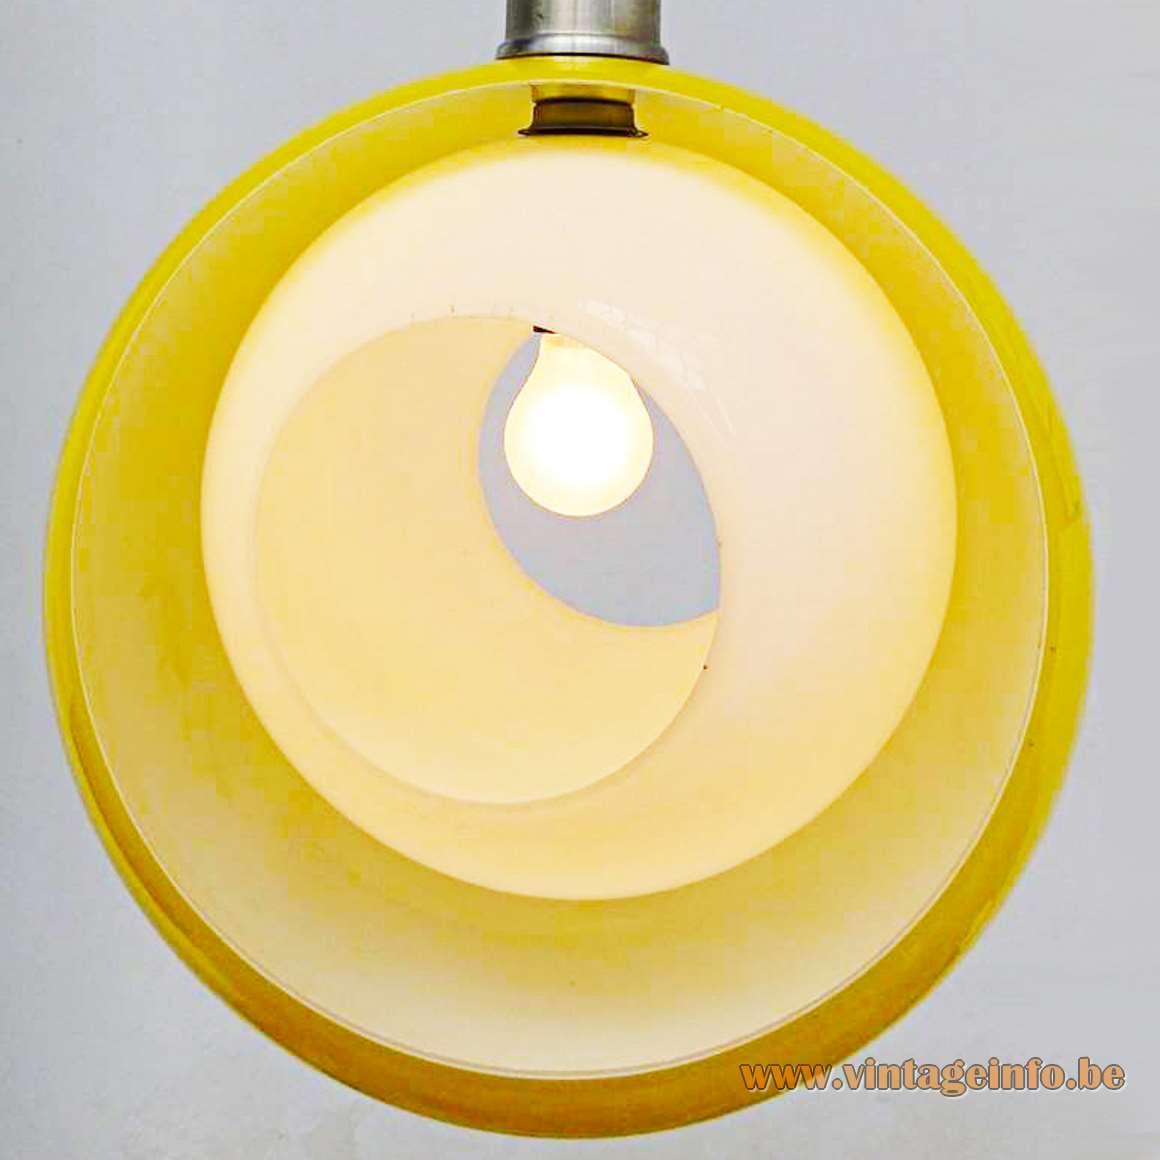 AV Mazzega Eclips Pendant Light - yellow and white